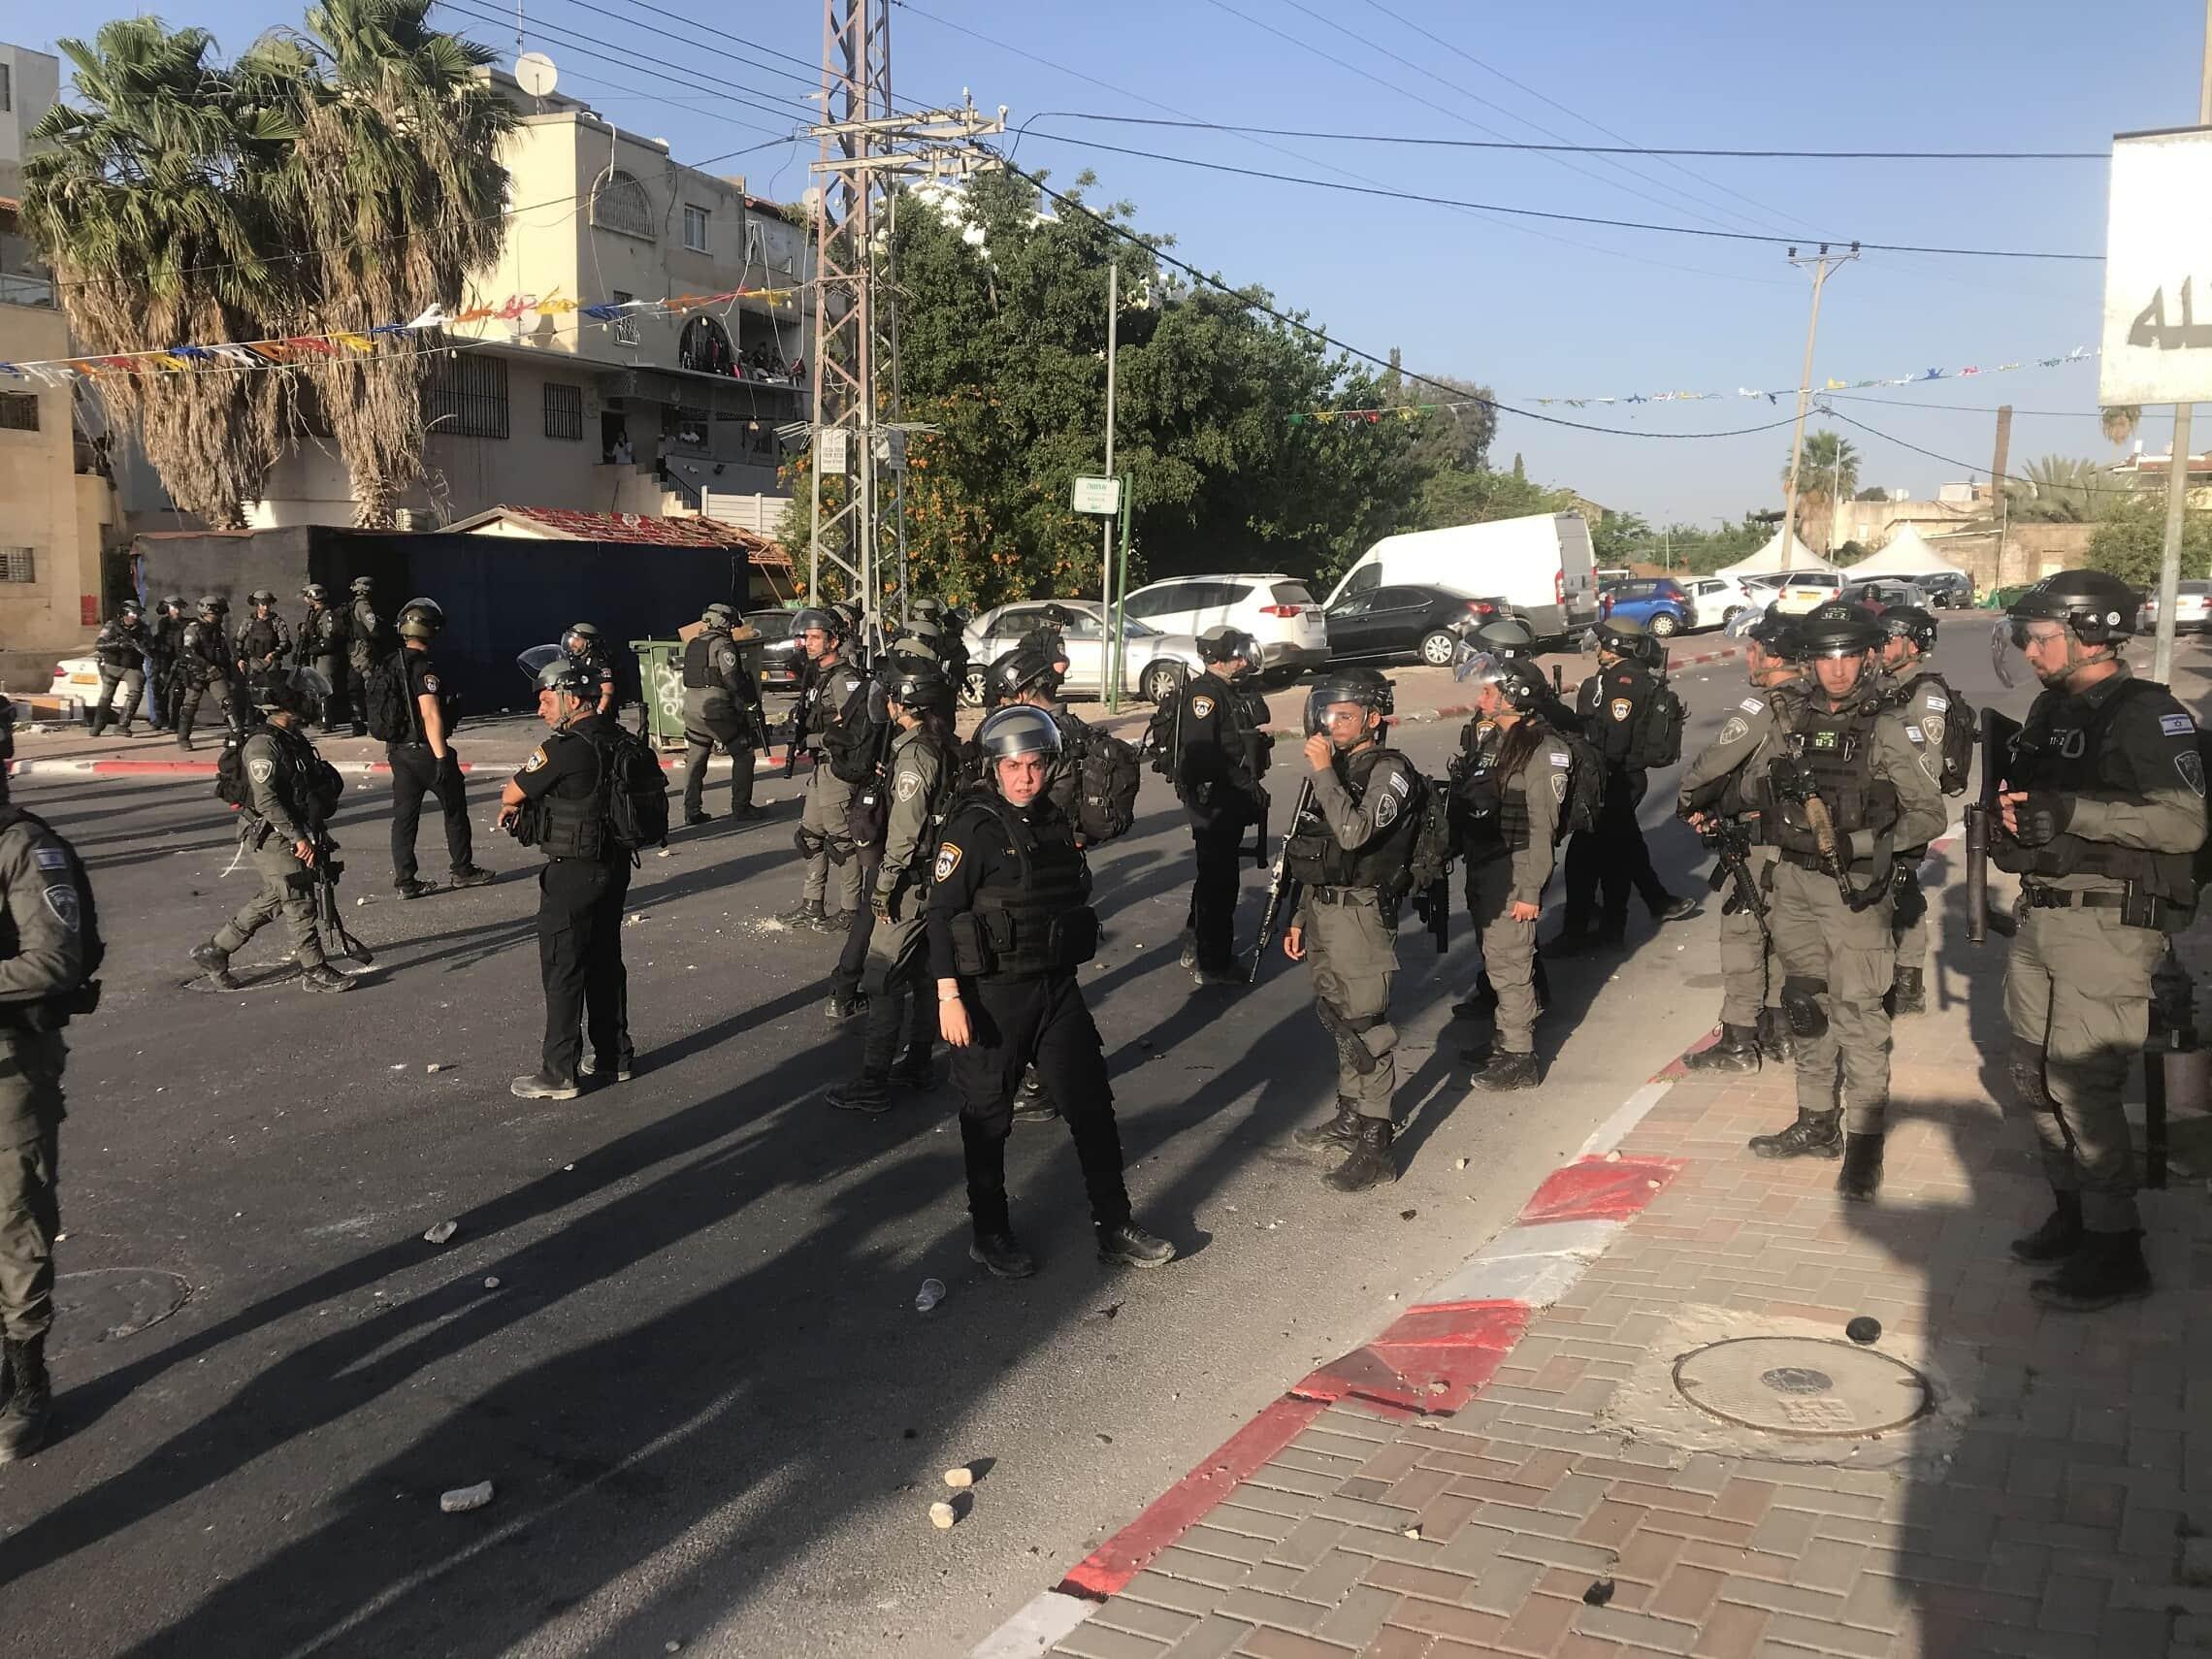 """כוחות מג""""ב בלוד במהלך הלוויה של מוסא חסונה (צילום: אמיר בן-דוד)"""